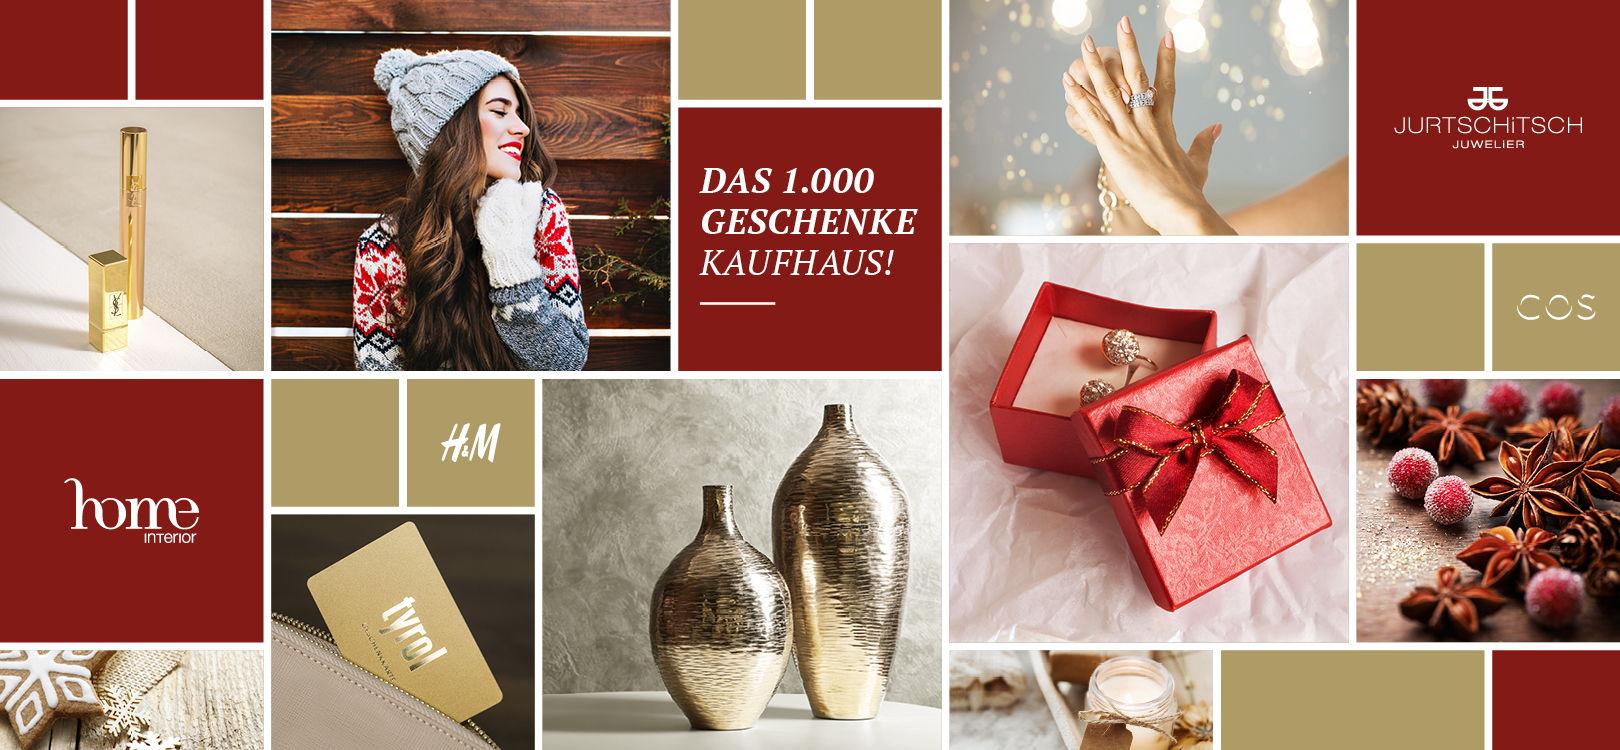 Slider Weihnachten im Kaufhaus Tyrol, 1000 Geschenke Kaufhaus